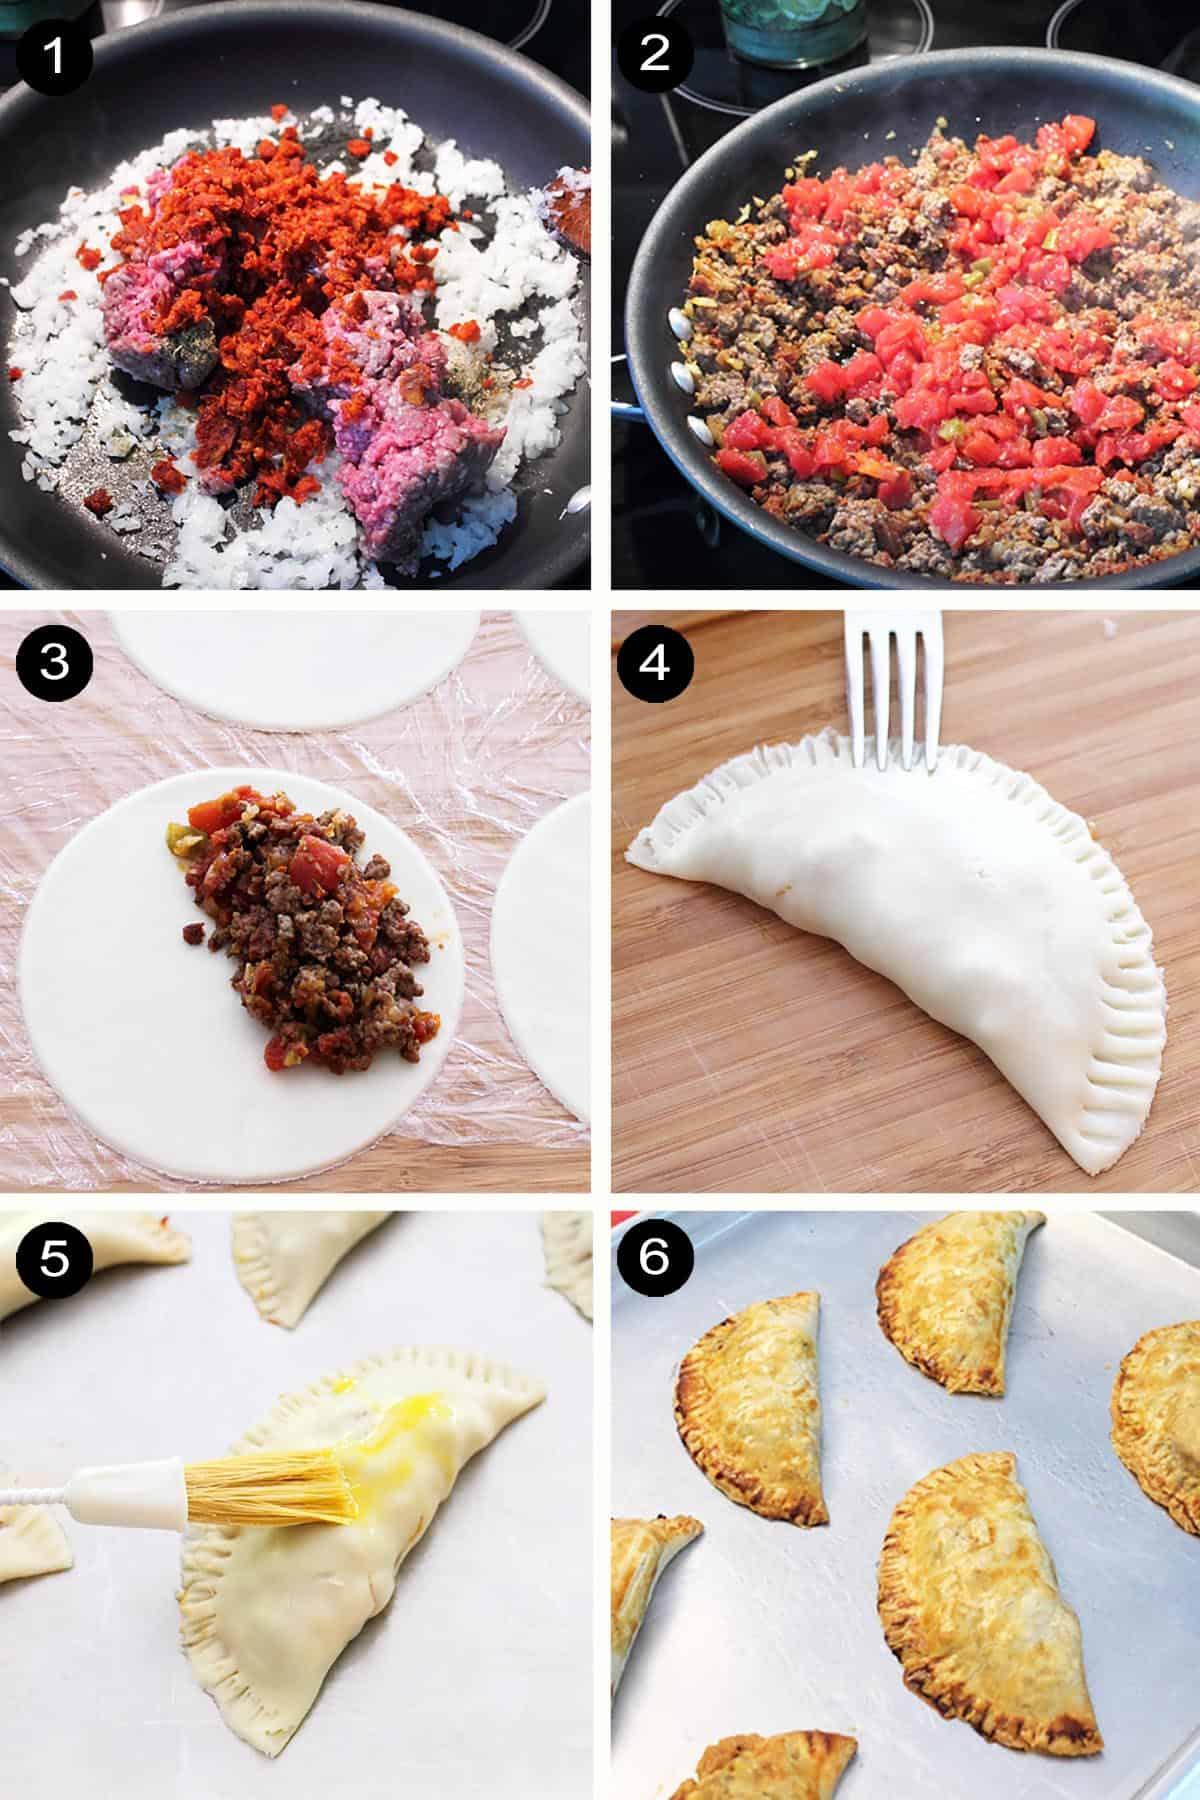 Prep steps for making empanadas.